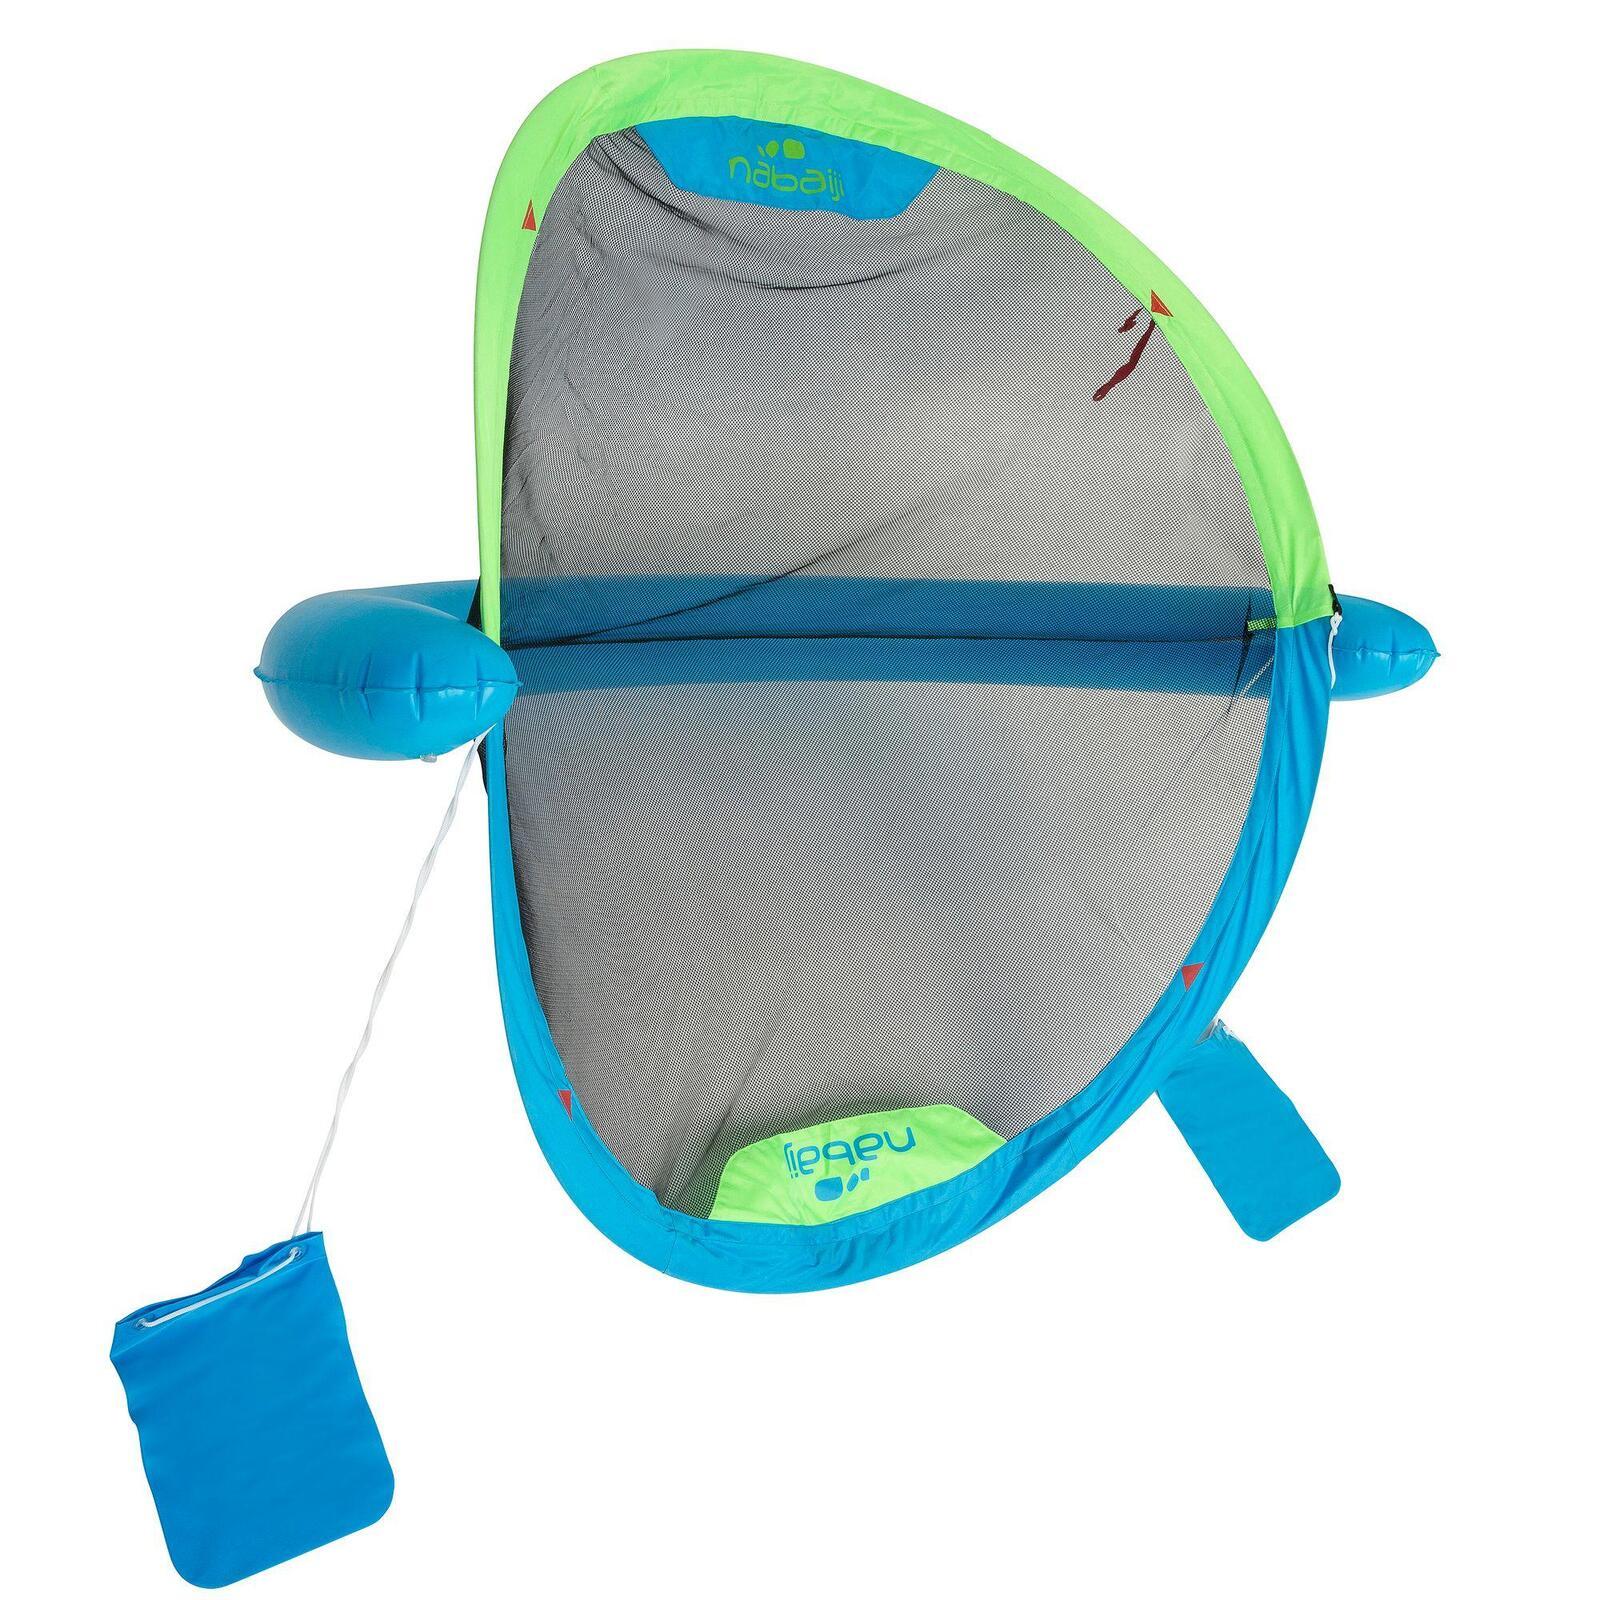 Water polo goal polo-up